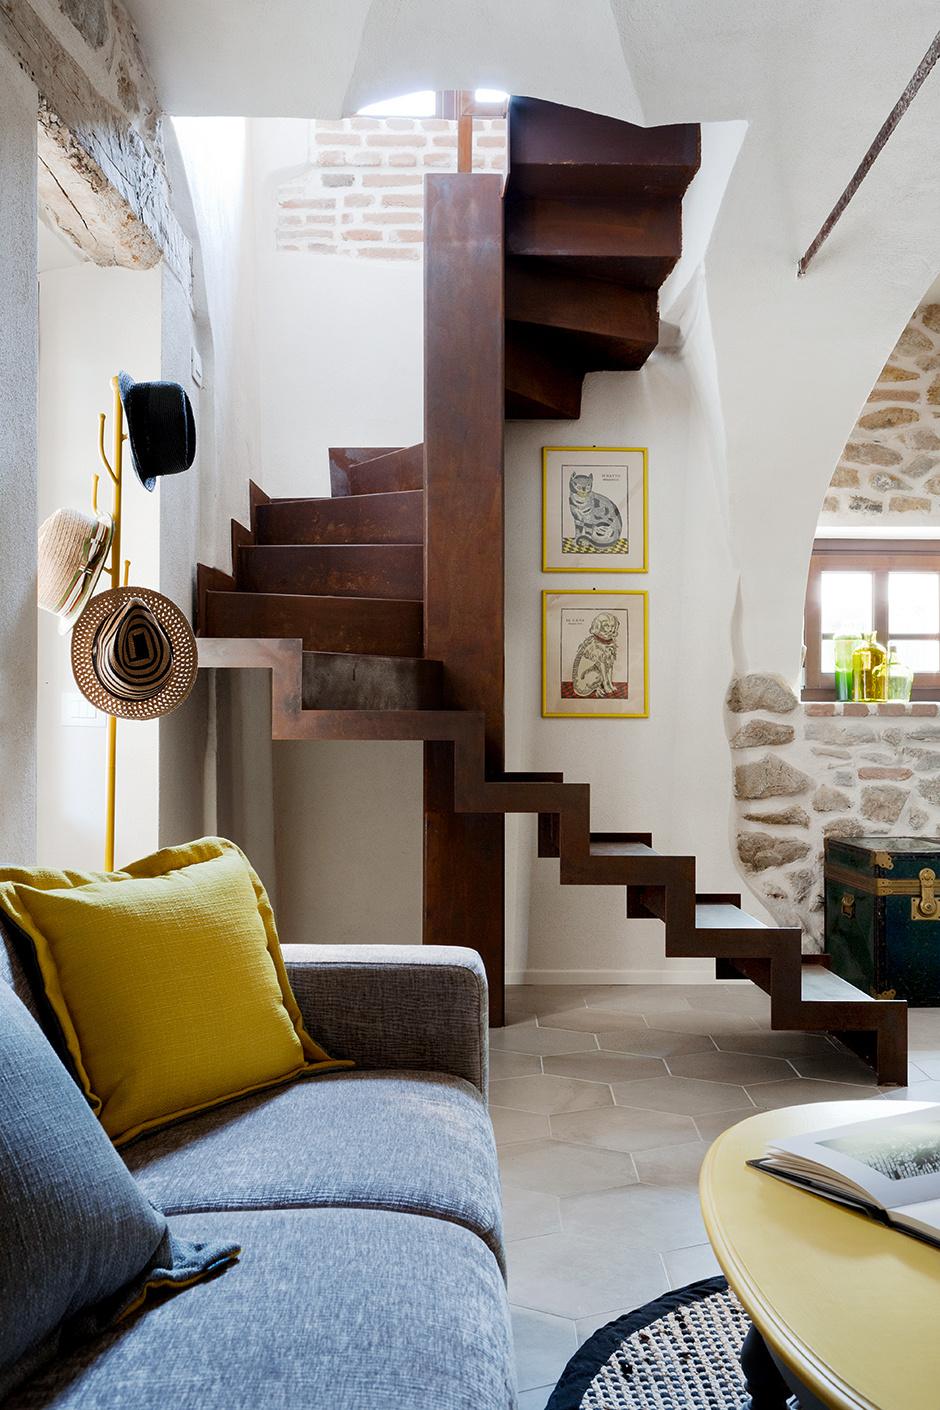 Уютный дом в Италии от Жени Ждановой уютный дом в италии Уютный дом в Италии от Жени Ждановой  1 aefe30cd412fa05dfb04bc004493ff25  0xc35dbb80 15855291551499246471